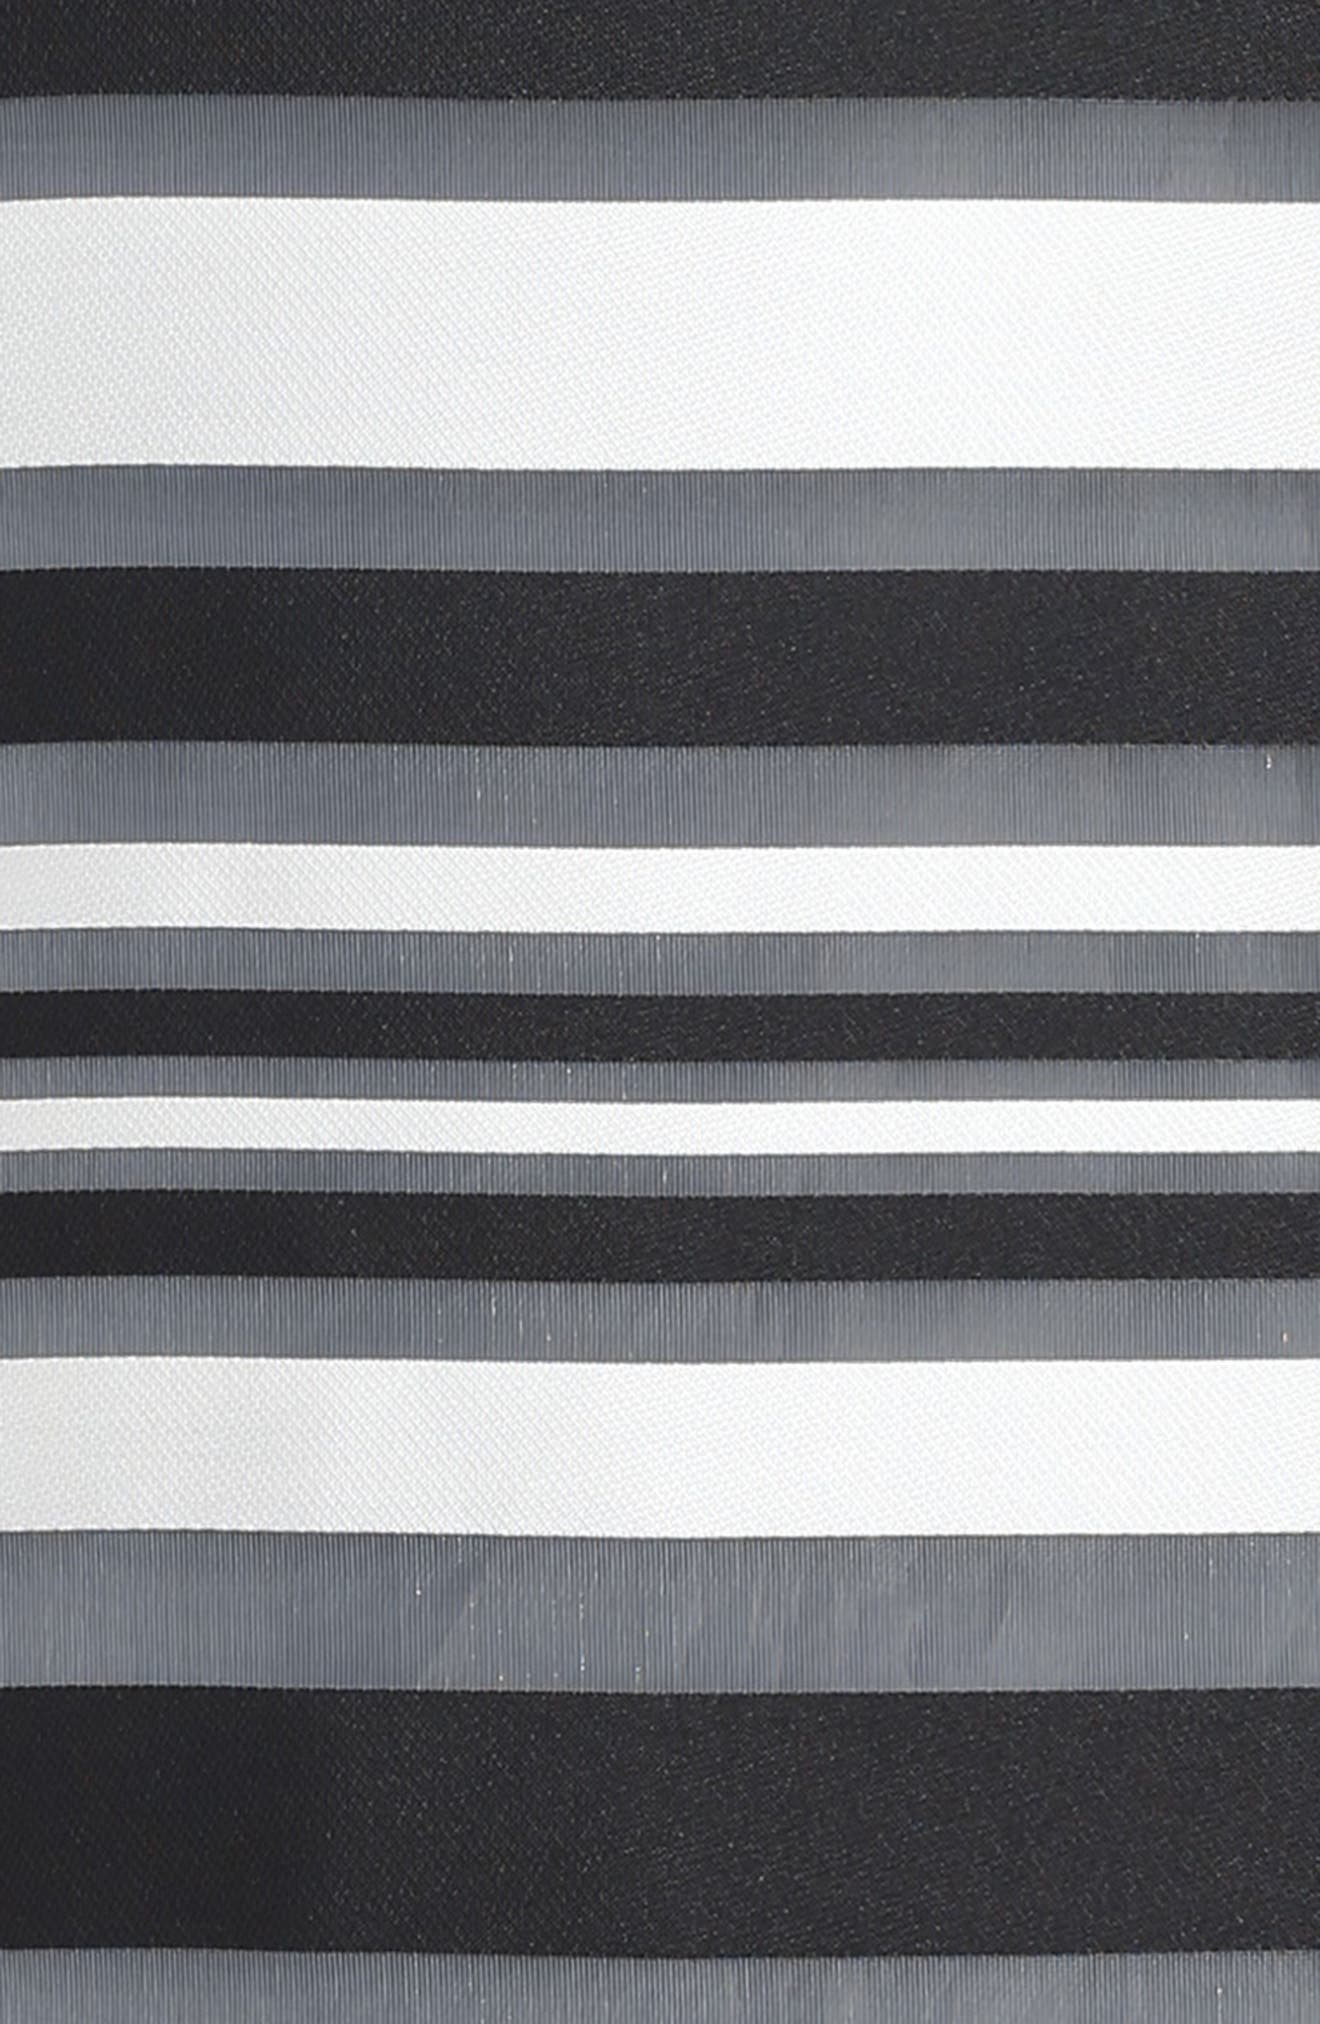 Chloe Illusion Stripe Shift Dress,                             Alternate thumbnail 3, color,                             White/ Black